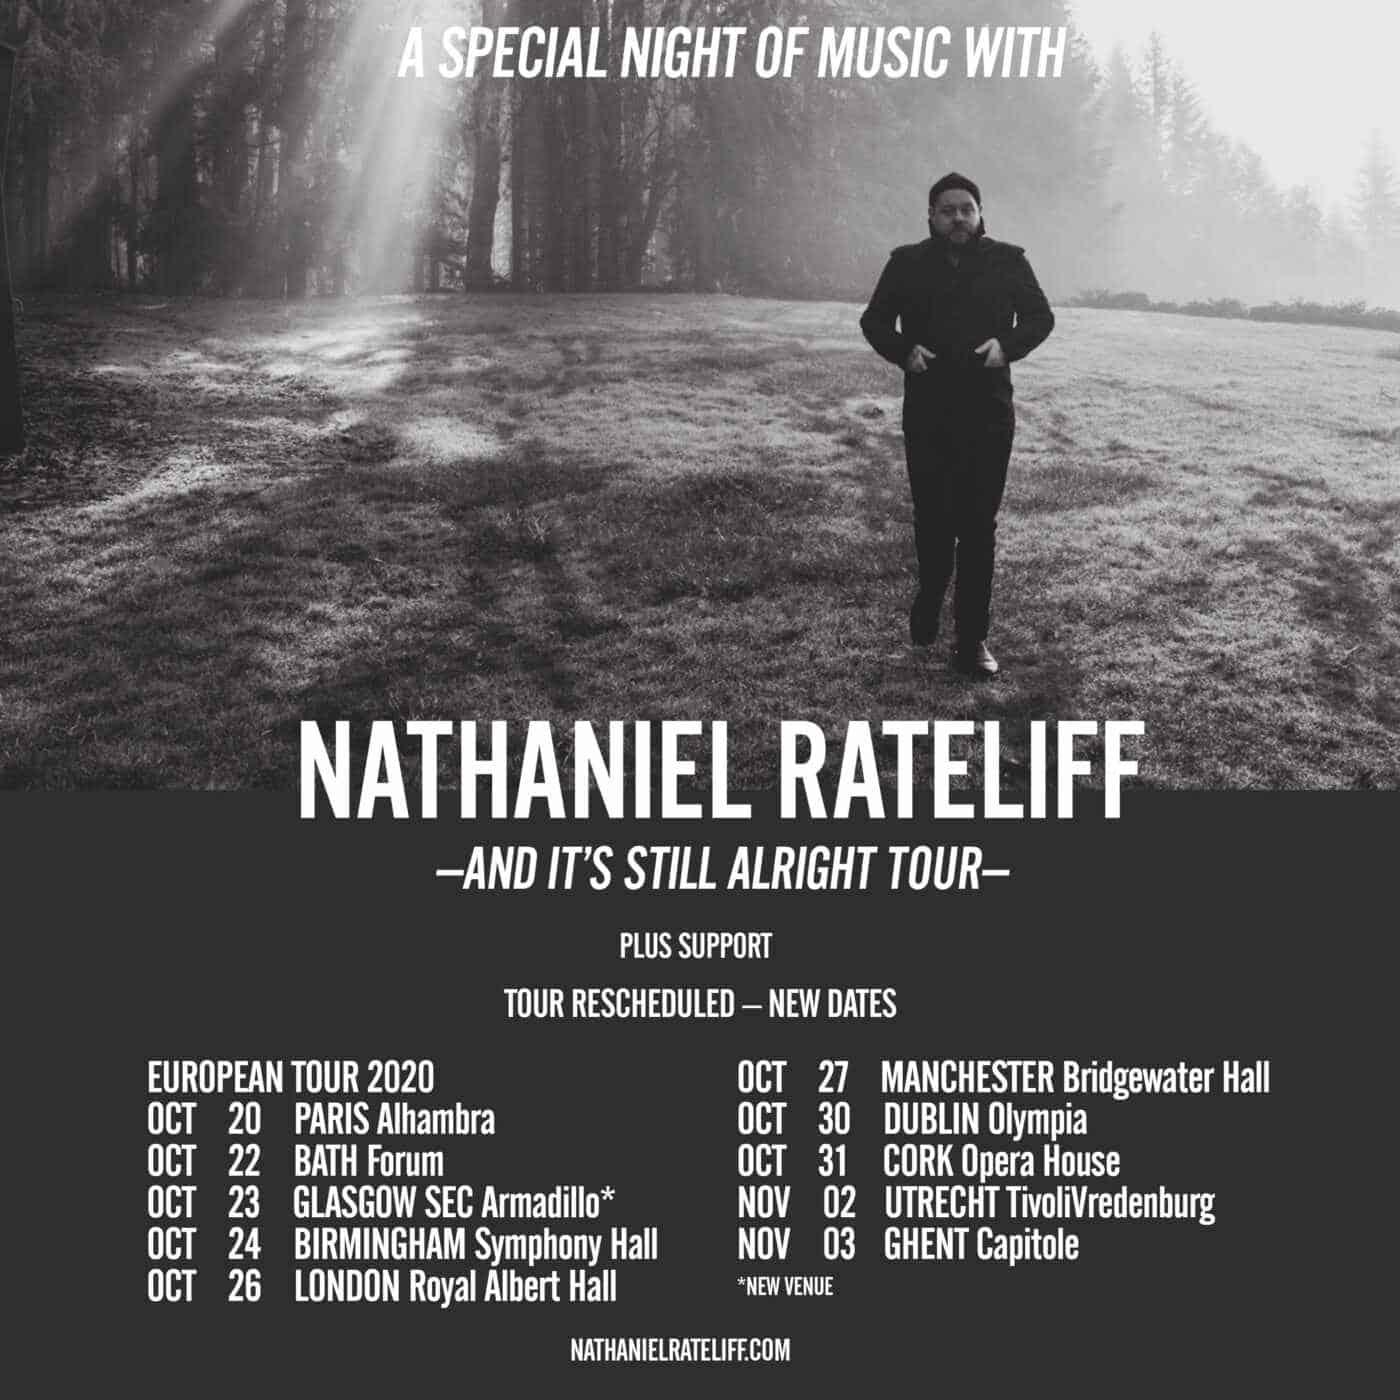 Nathaniel Rateliff Tour Poster